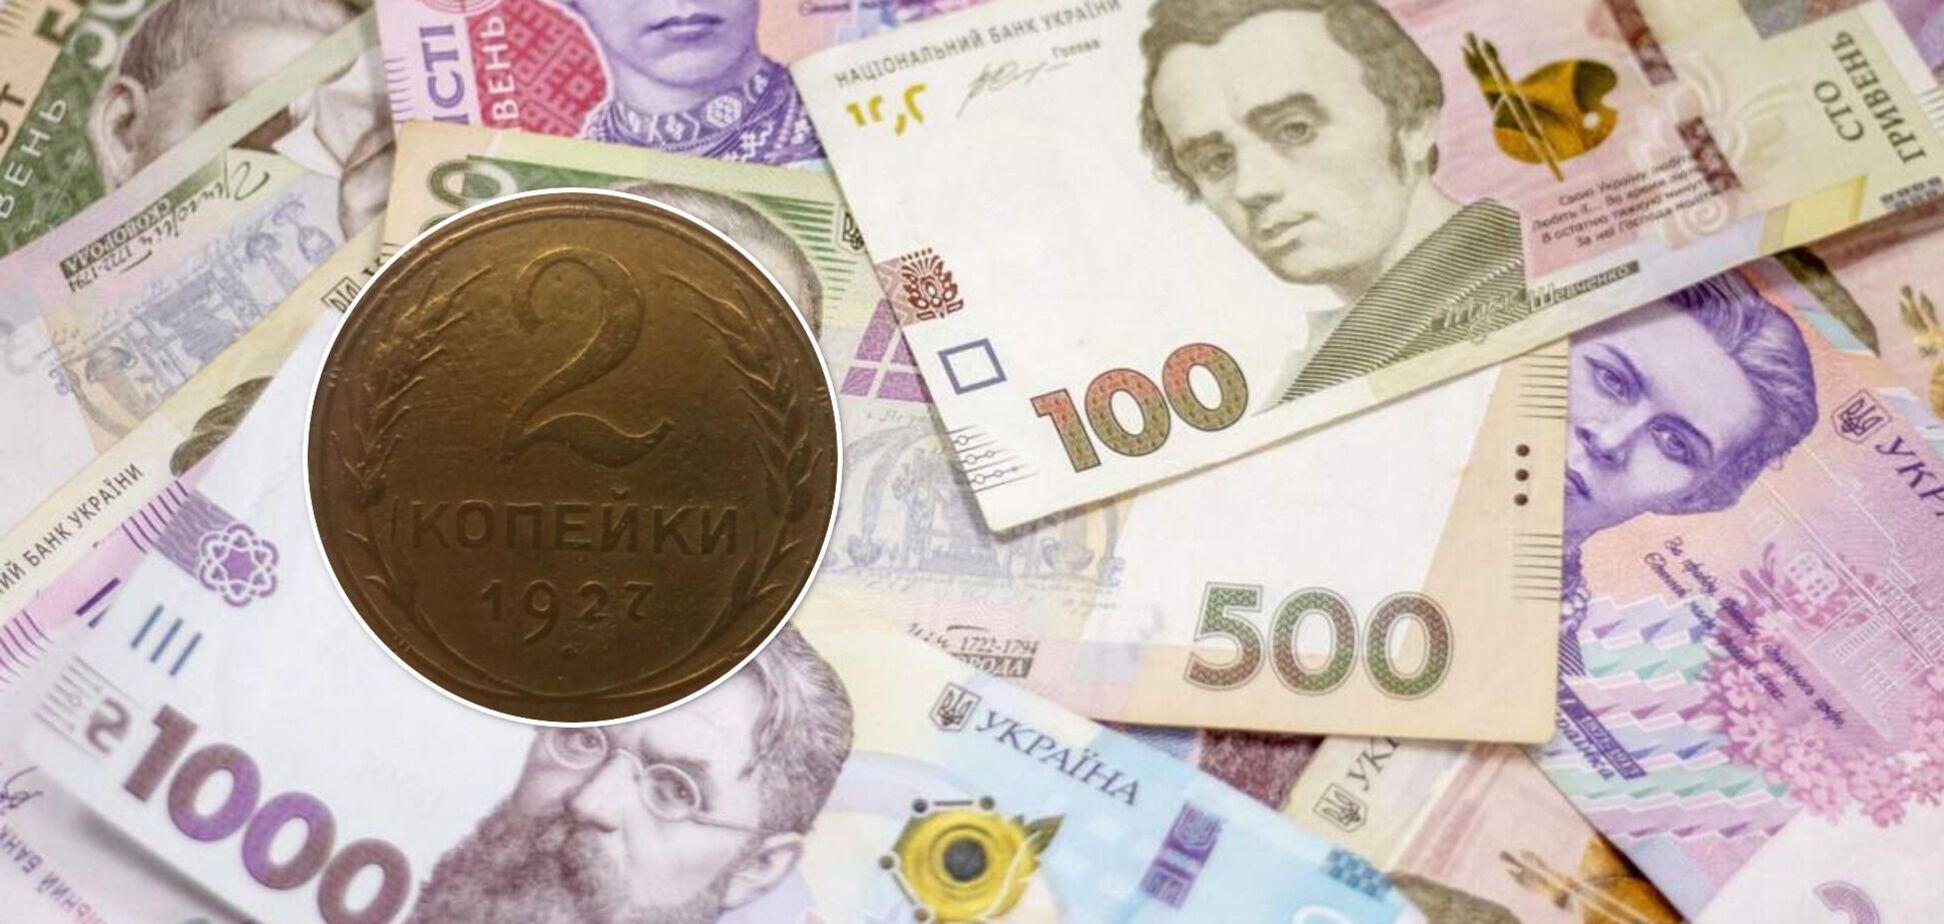 За копійки часів СРСР готові заплатити величезні гроші: як виглядає і скільки коштує